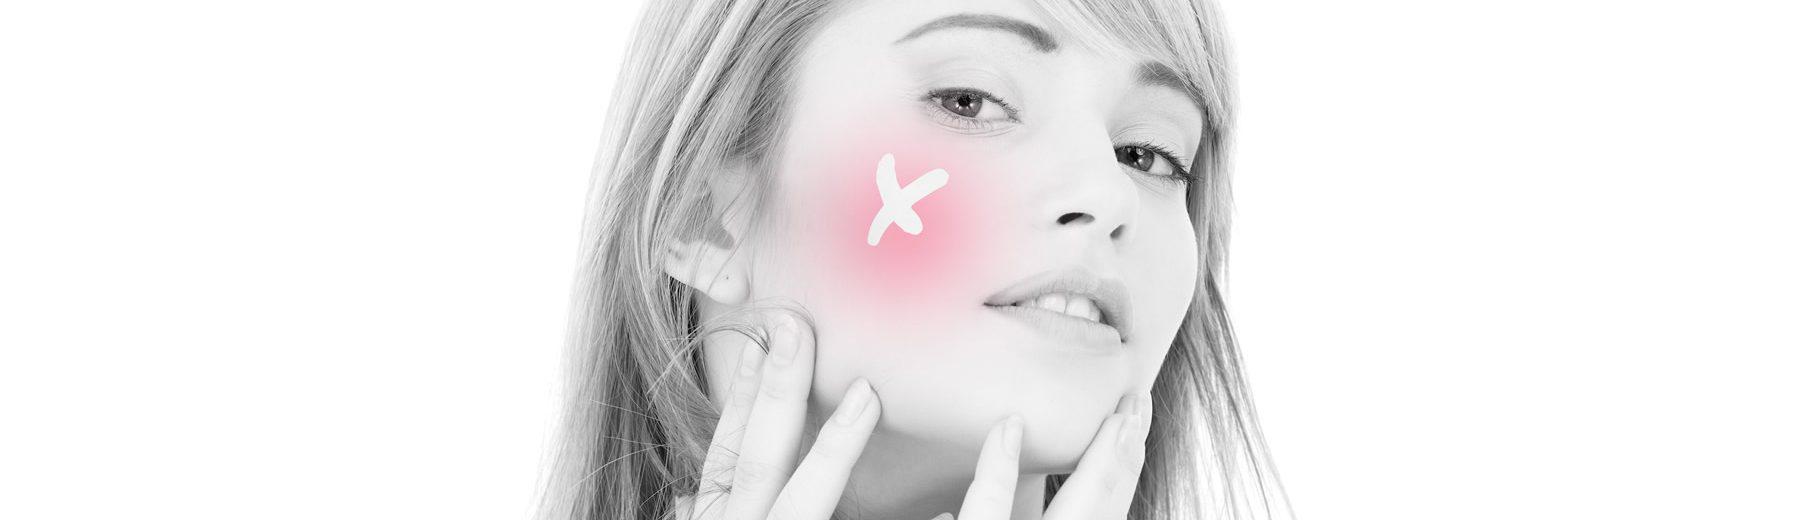 Rosaceas bőr kezelése